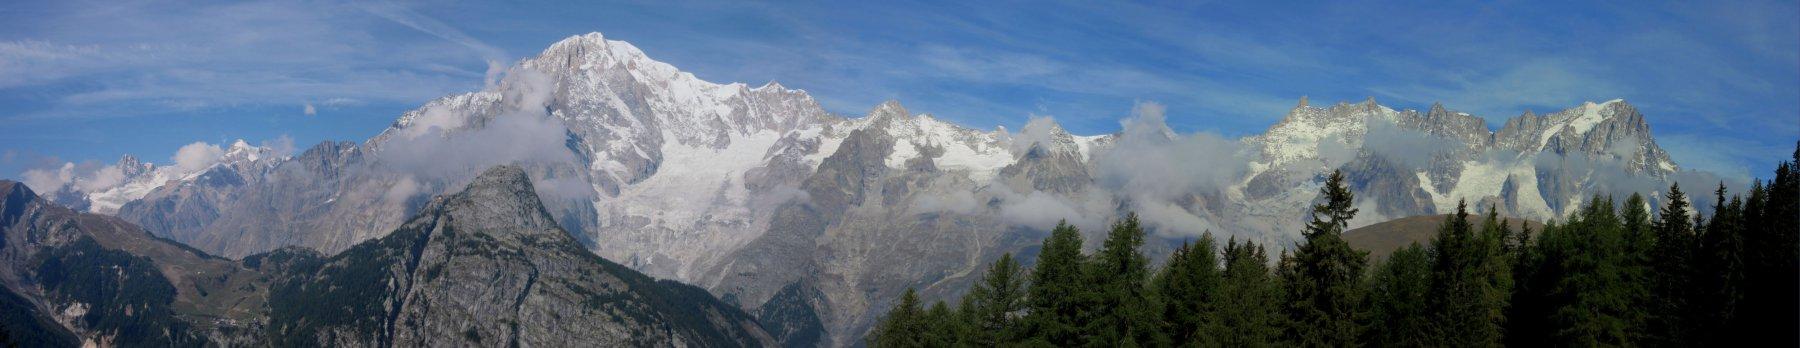 Monte Bianco e le sue vette